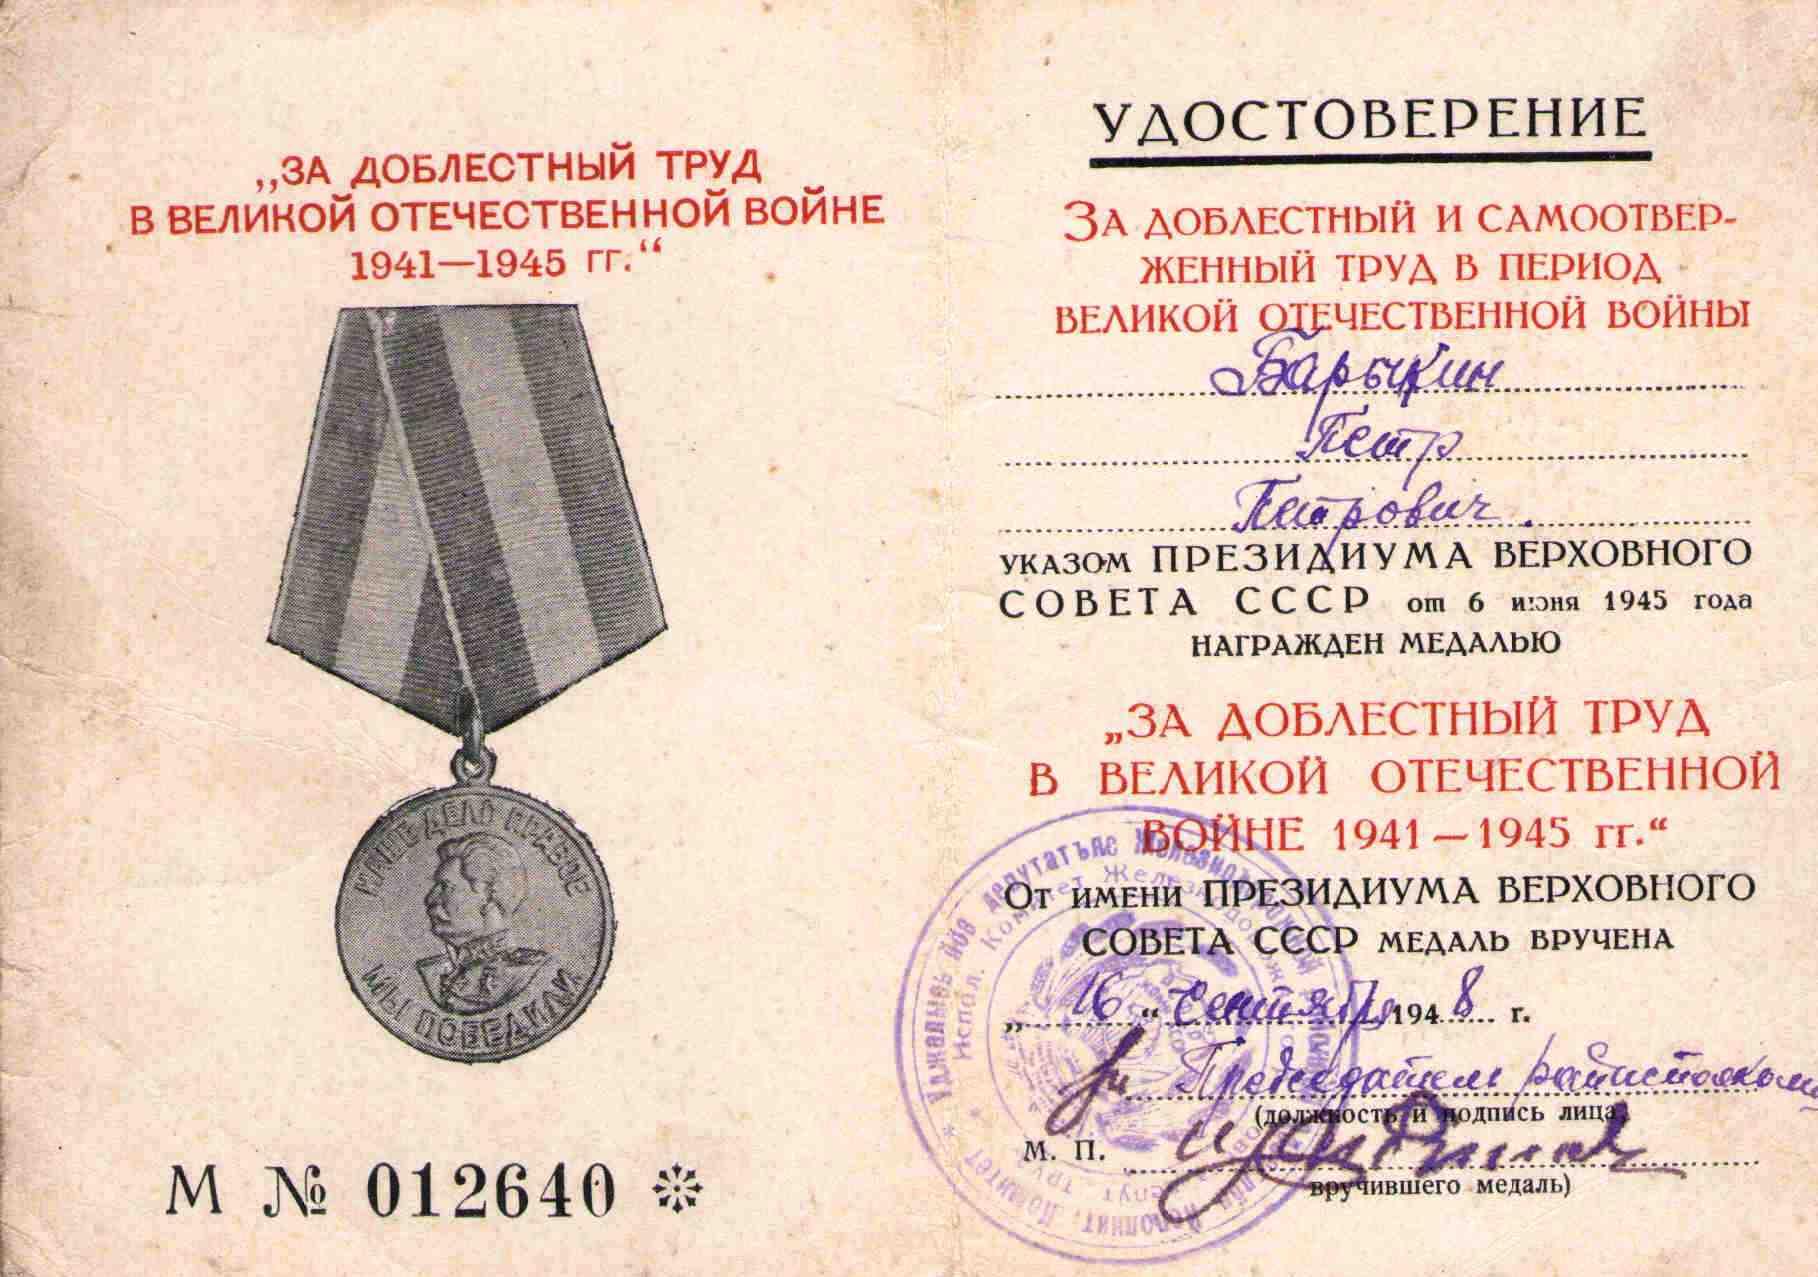 46. Удостоверение к медали За доблестный труд, Барыкин ПП, 1948